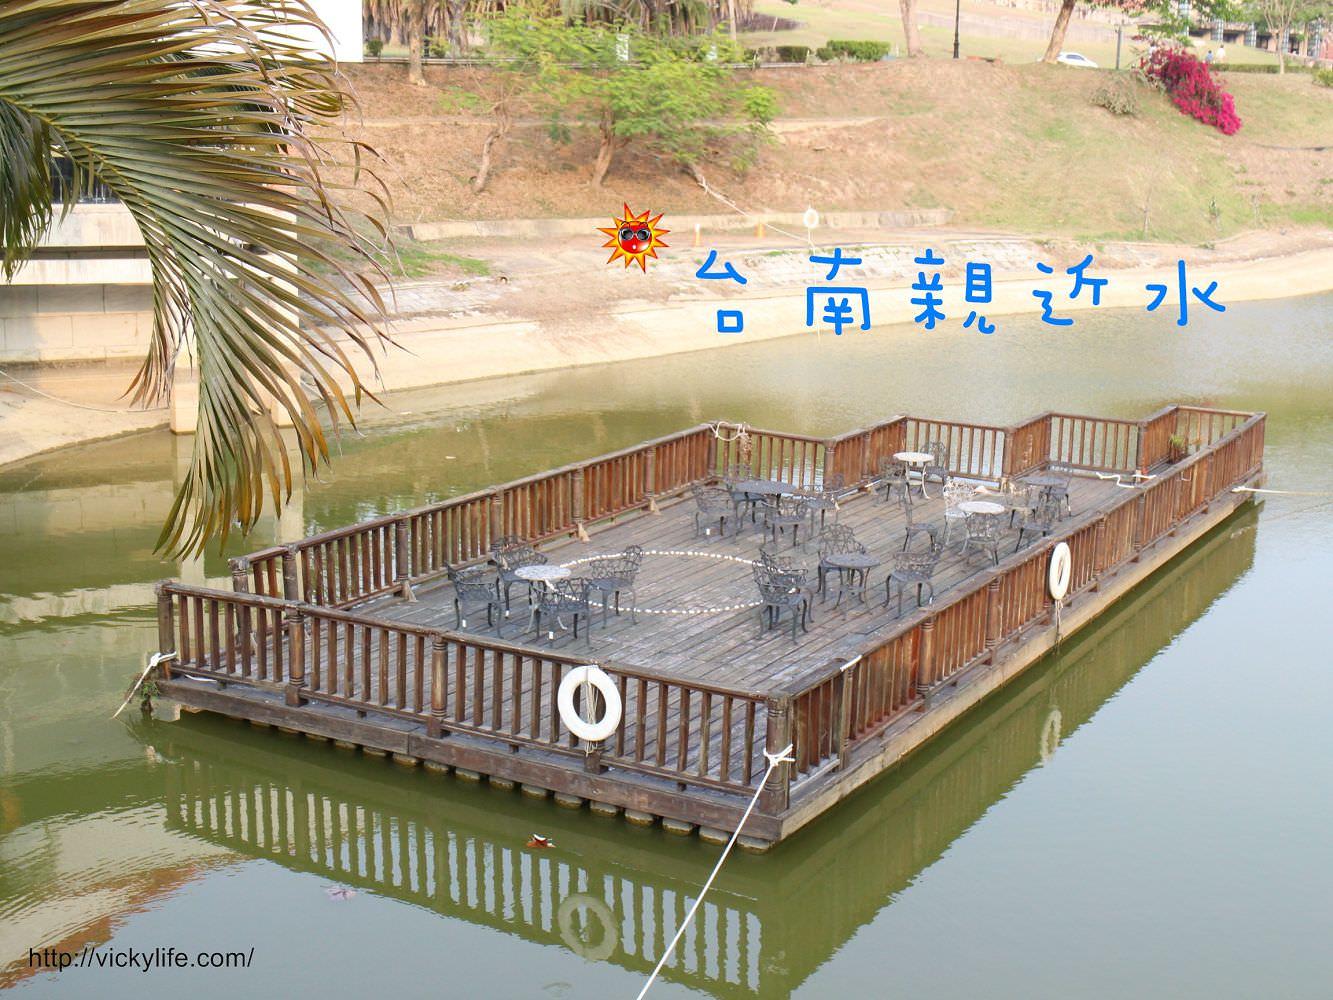 台南景點︱親近水:夏天不玩水,對不起自己,趕快來看,沙灘、泳池、消暑勝地全都在這一篇